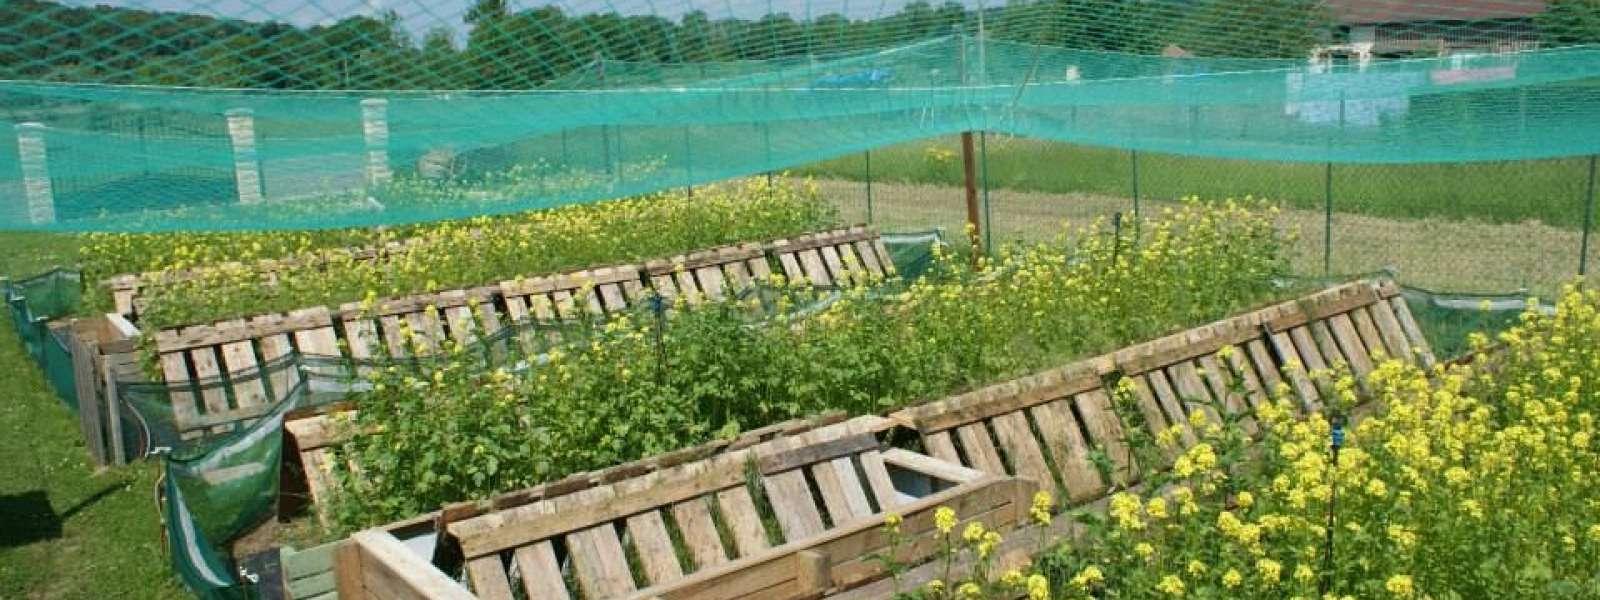 La Coquille Sivrotine : Élevage D'escargots À Sivry-Sur-Meuse dedans Elevage Escargot